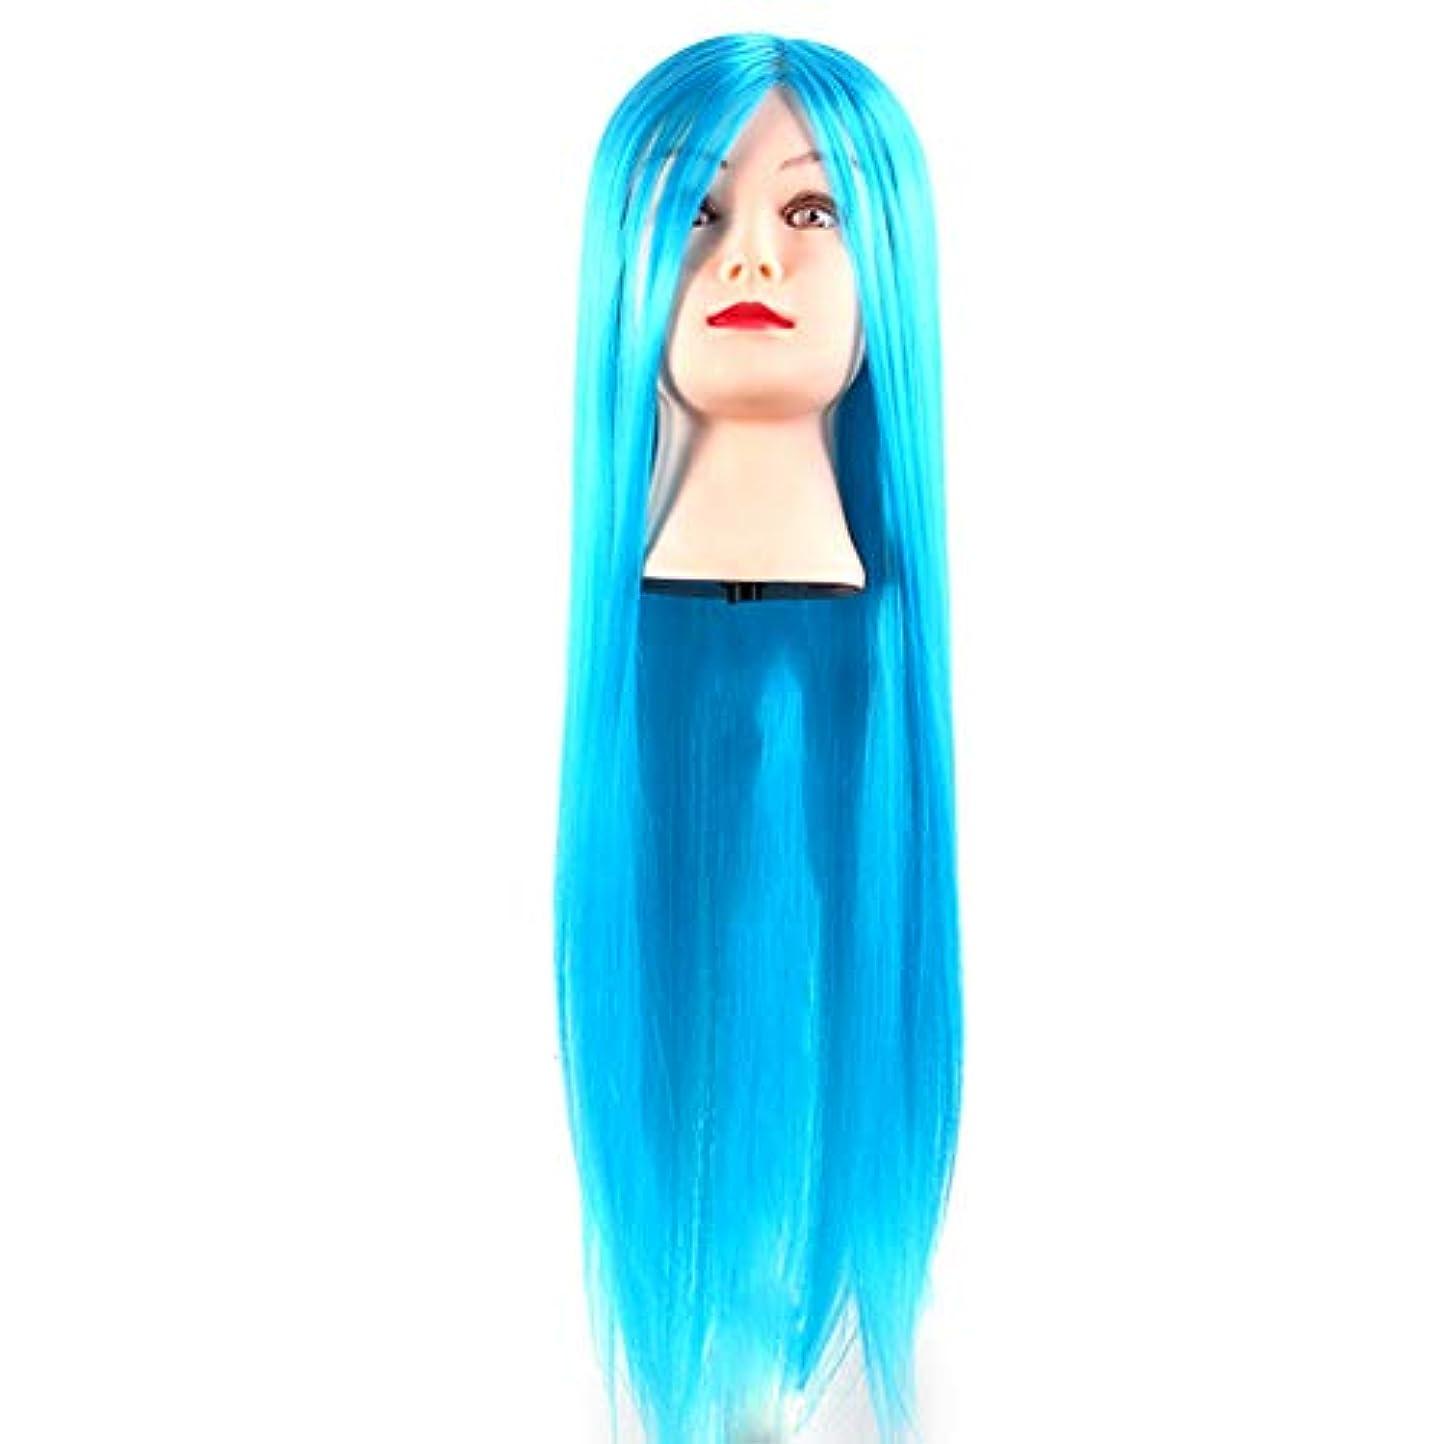 用語集廊下へこみサロン散髪練習ヘッドモデルメイク学校編組髪開発学習モデルヘッドヘアストレートロングかつら